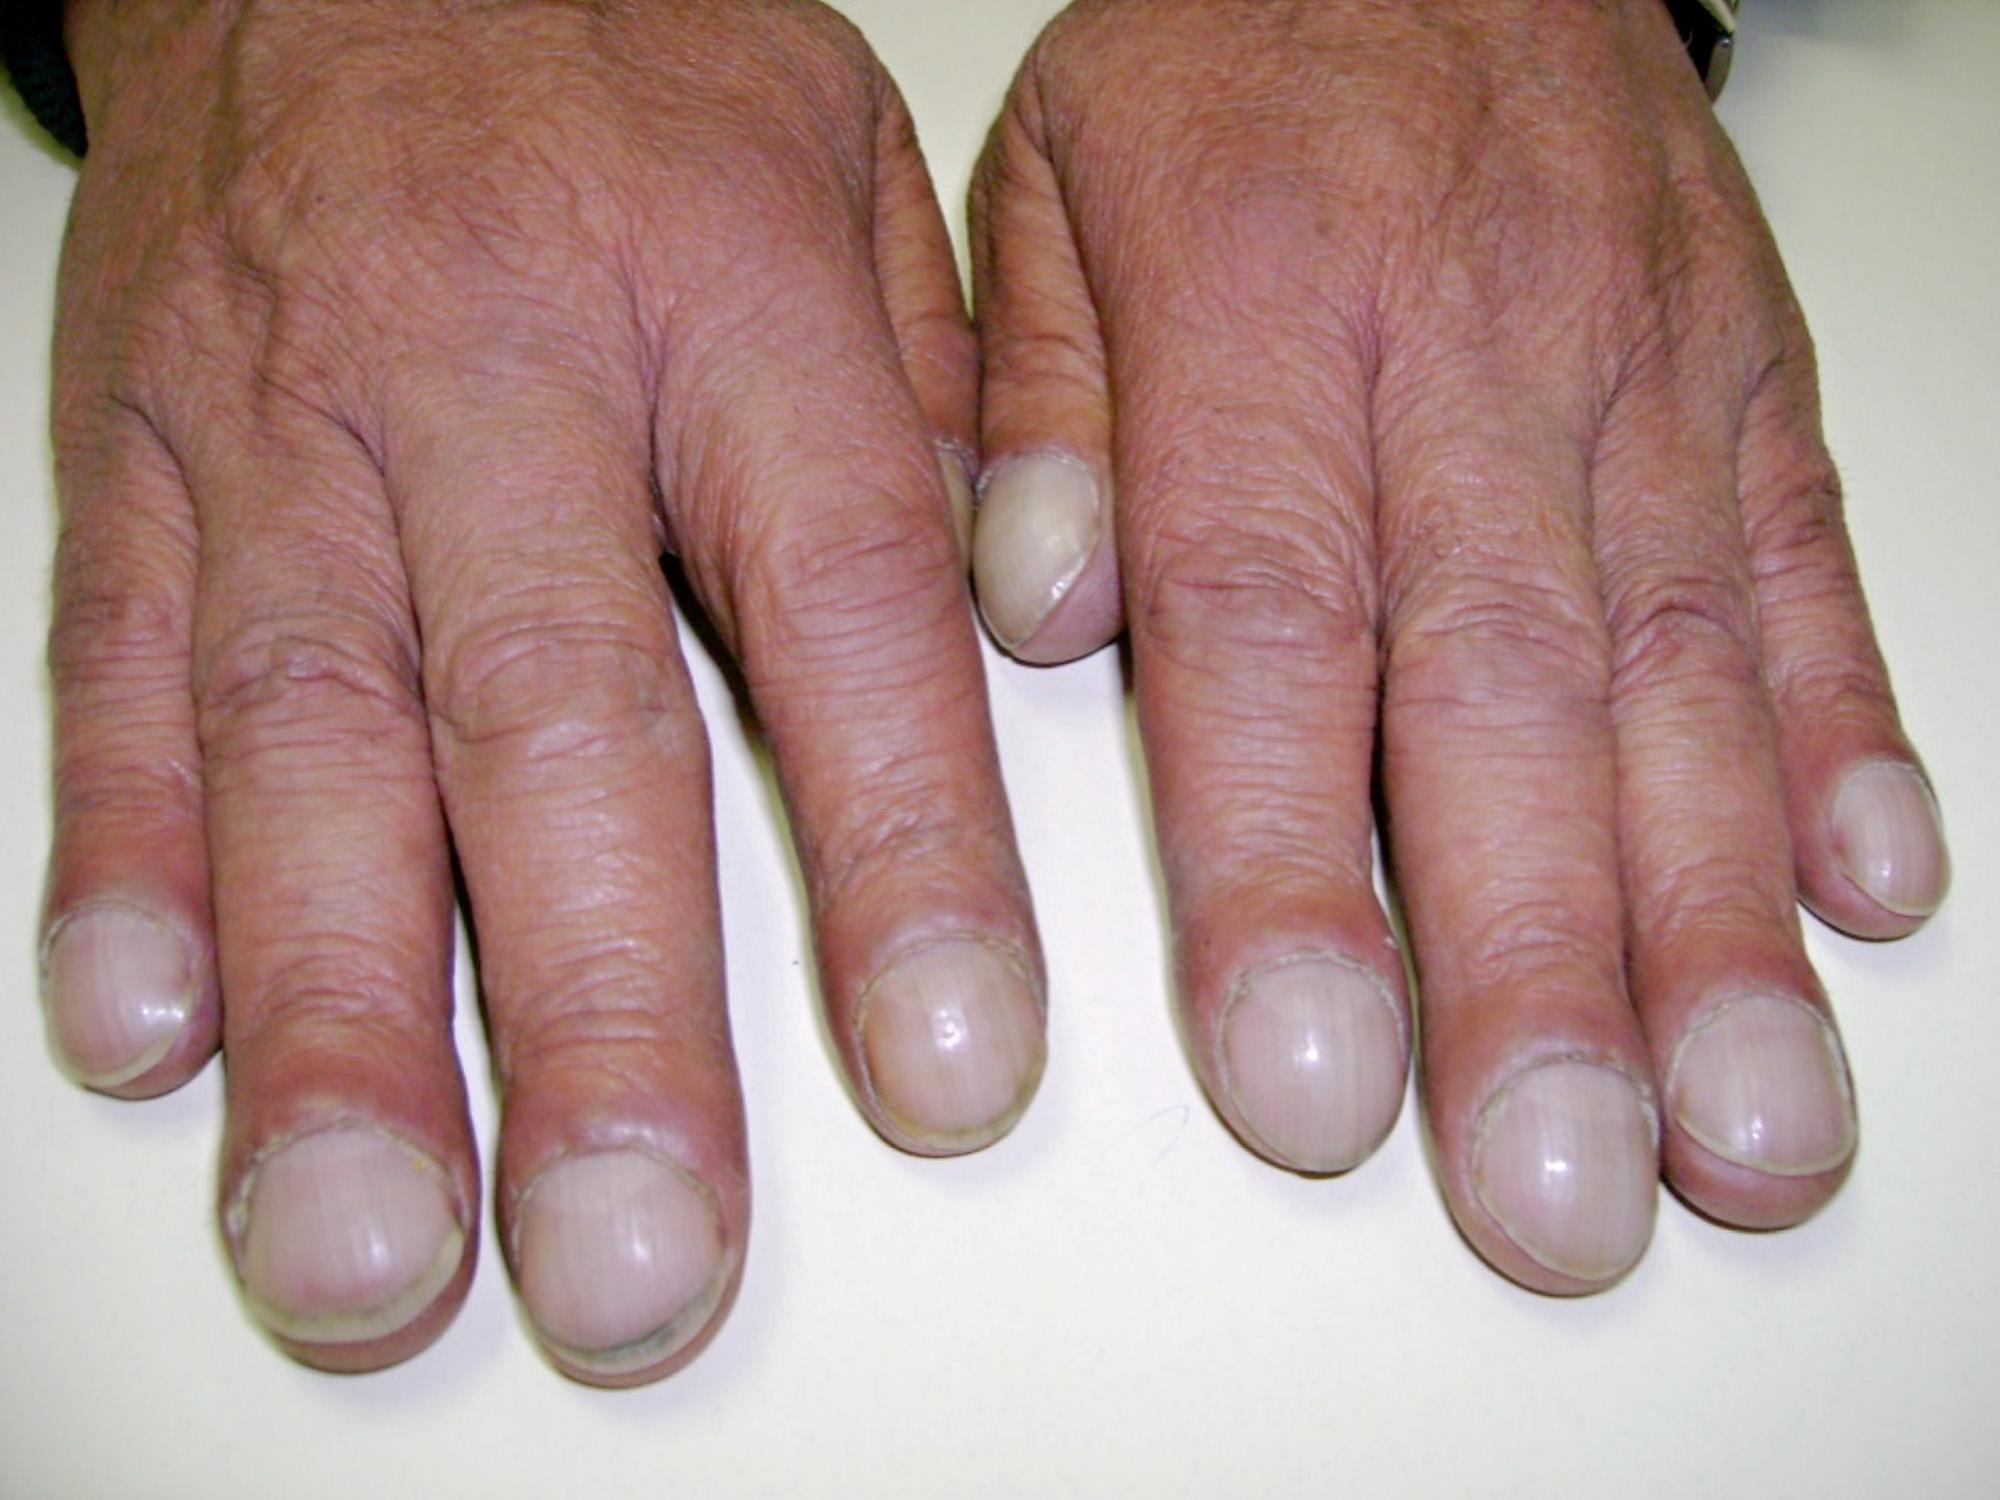 Kitas netradicinis plaučių vėžio simptomas – suapvalėję, tarsi ištinę rankų pirštų galai. (wikipedia.org nuotr.)